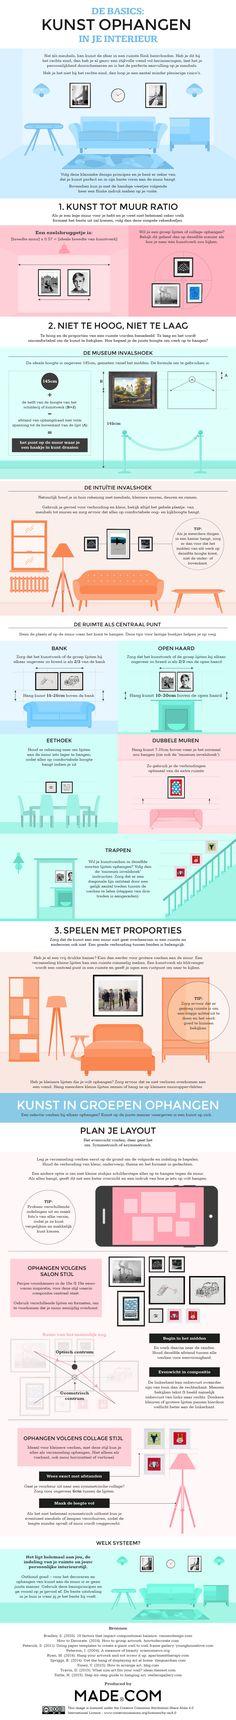 Infographic: de basics van kunst ophangen in je interieur | made.com